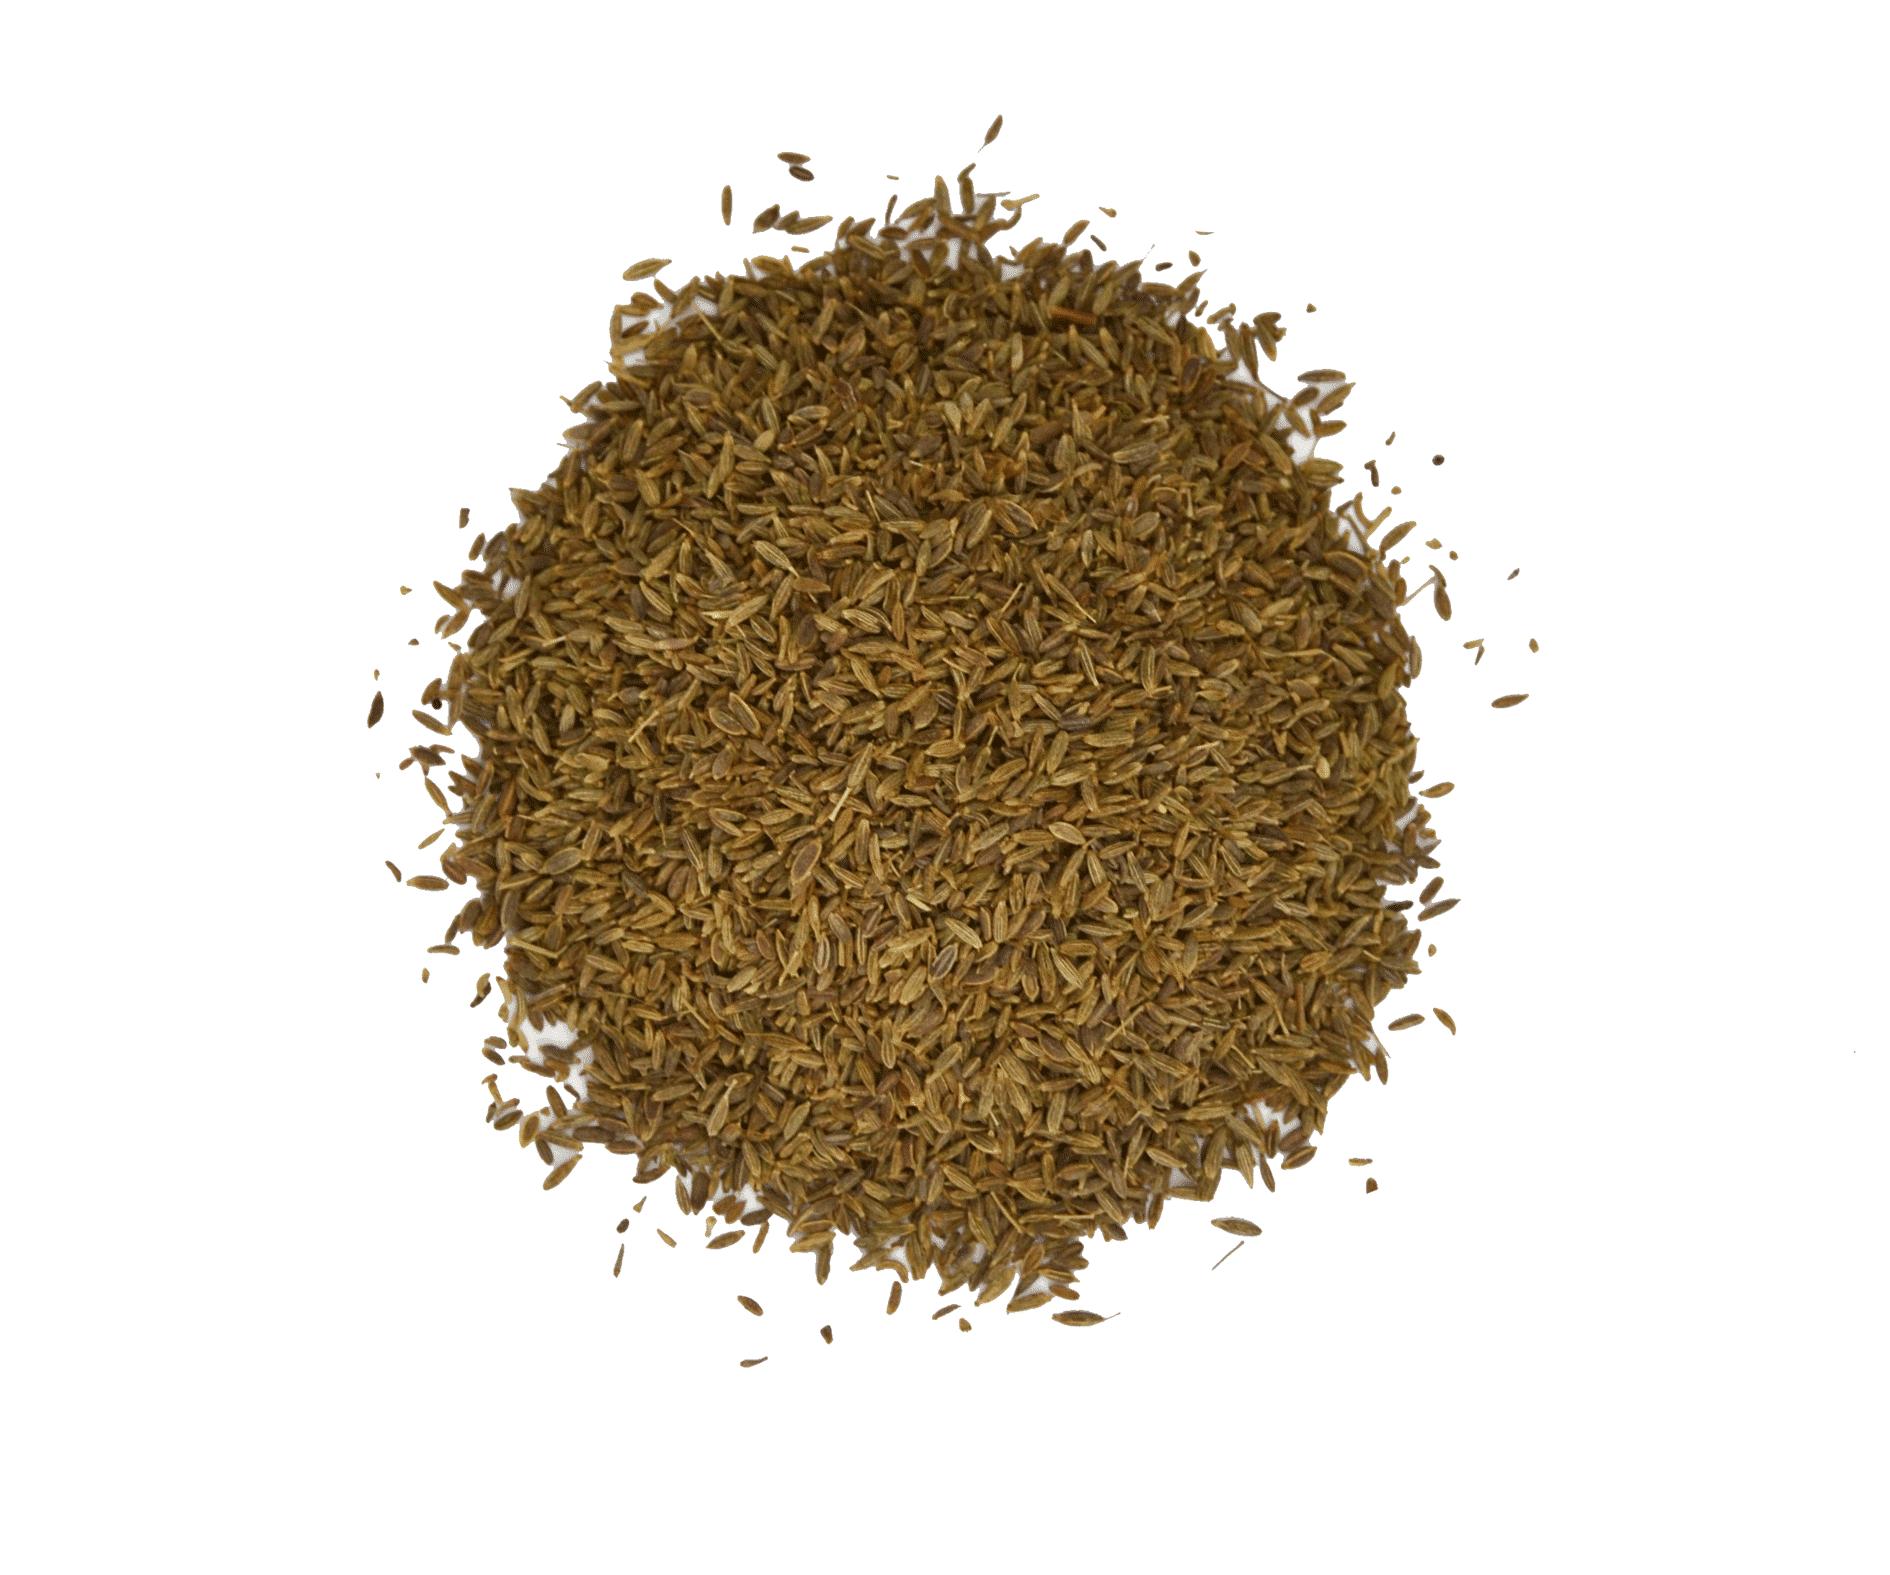 Comino en grano a granel en nuestra tienda online de frutos secos secofrut.com